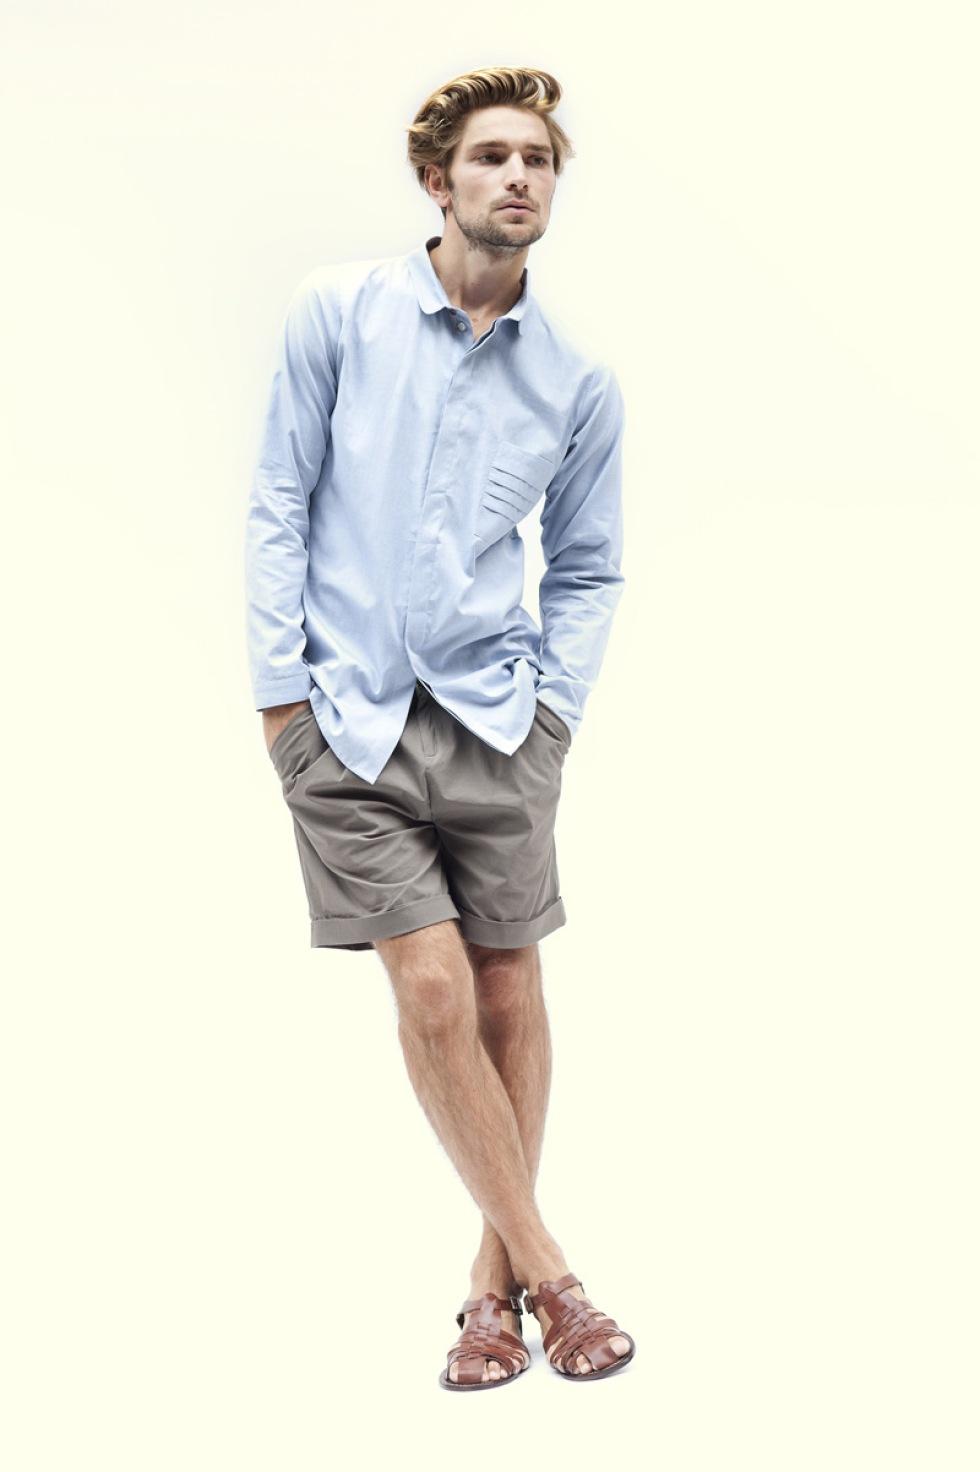 155543 980 - Lagom 2011 Erkek Giyim Kolleksiyonu